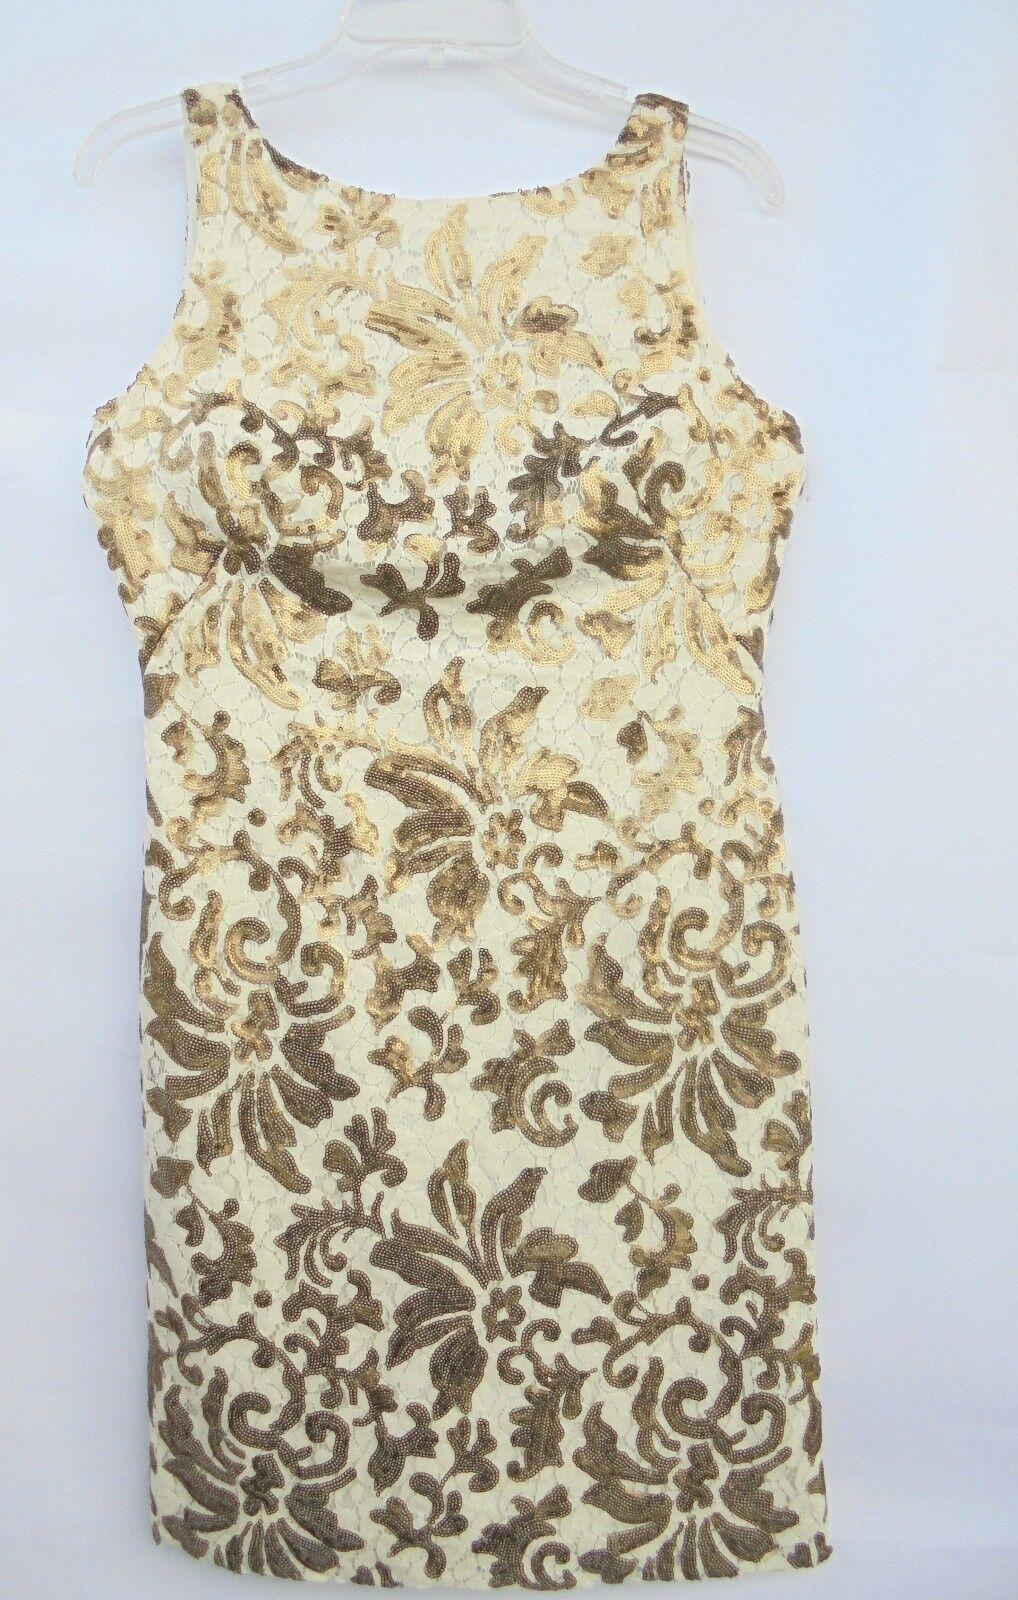 Lauren Ralph Lauren Ivory Gold Lace Sequined Sleeveless Sheath Dress sz 2 NEW